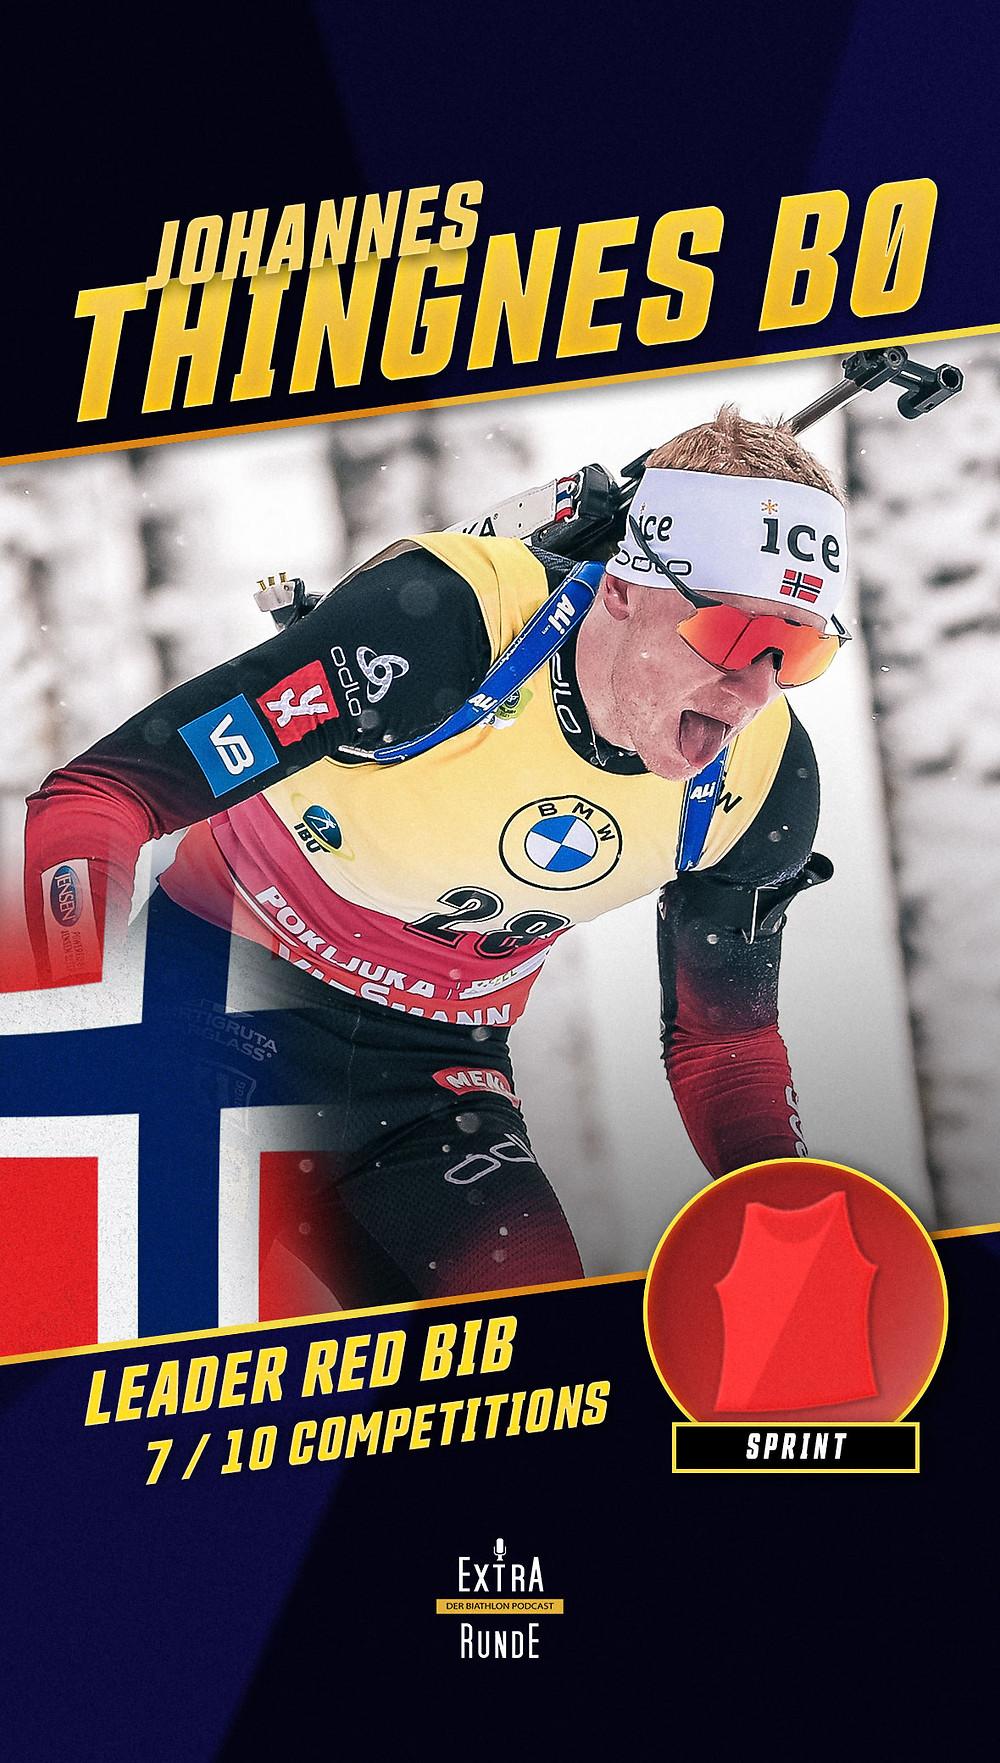 Johannes Thingnes Bø führt die Biathlon Sprintwertung der Saison 2020/21 an.